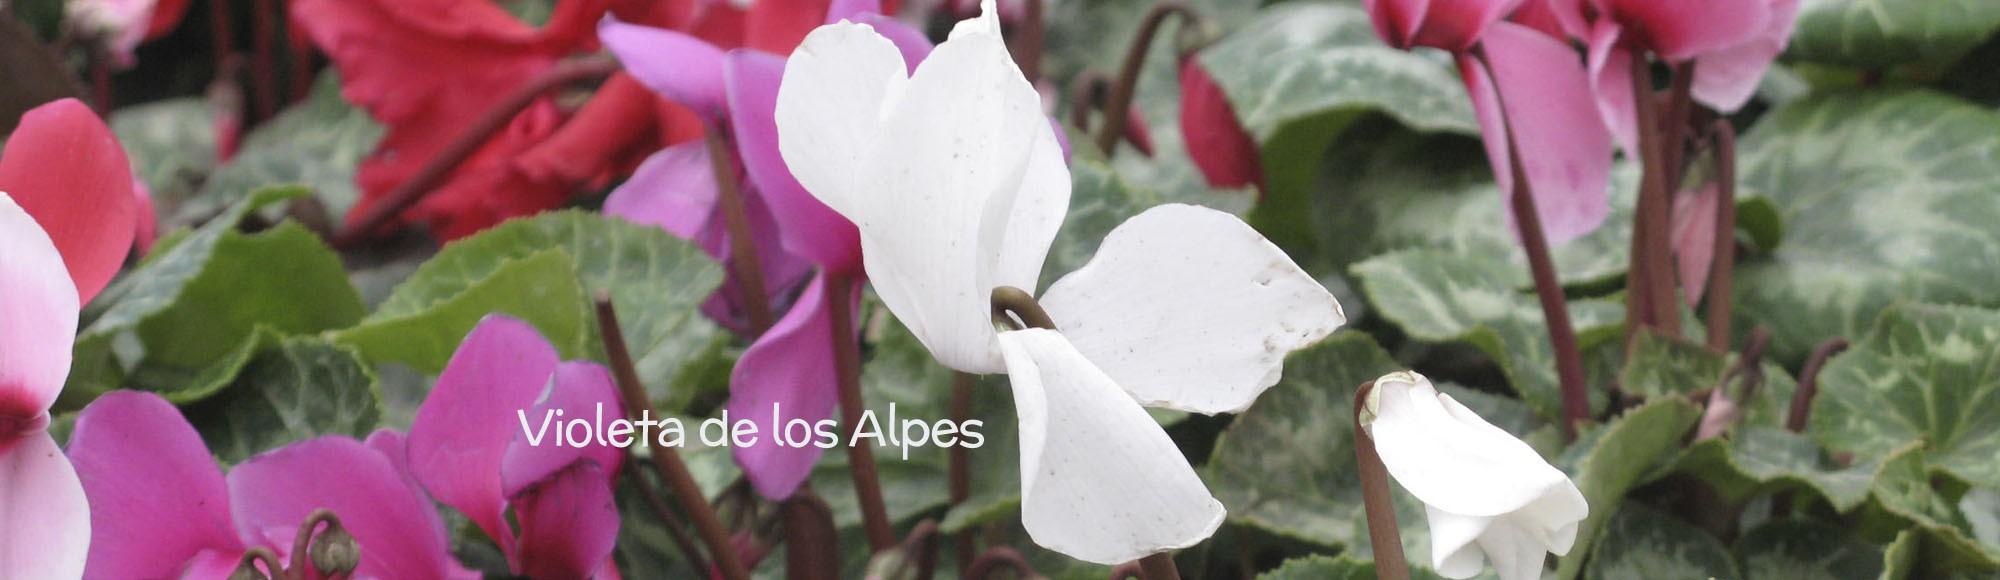 Violeta de los Alpes